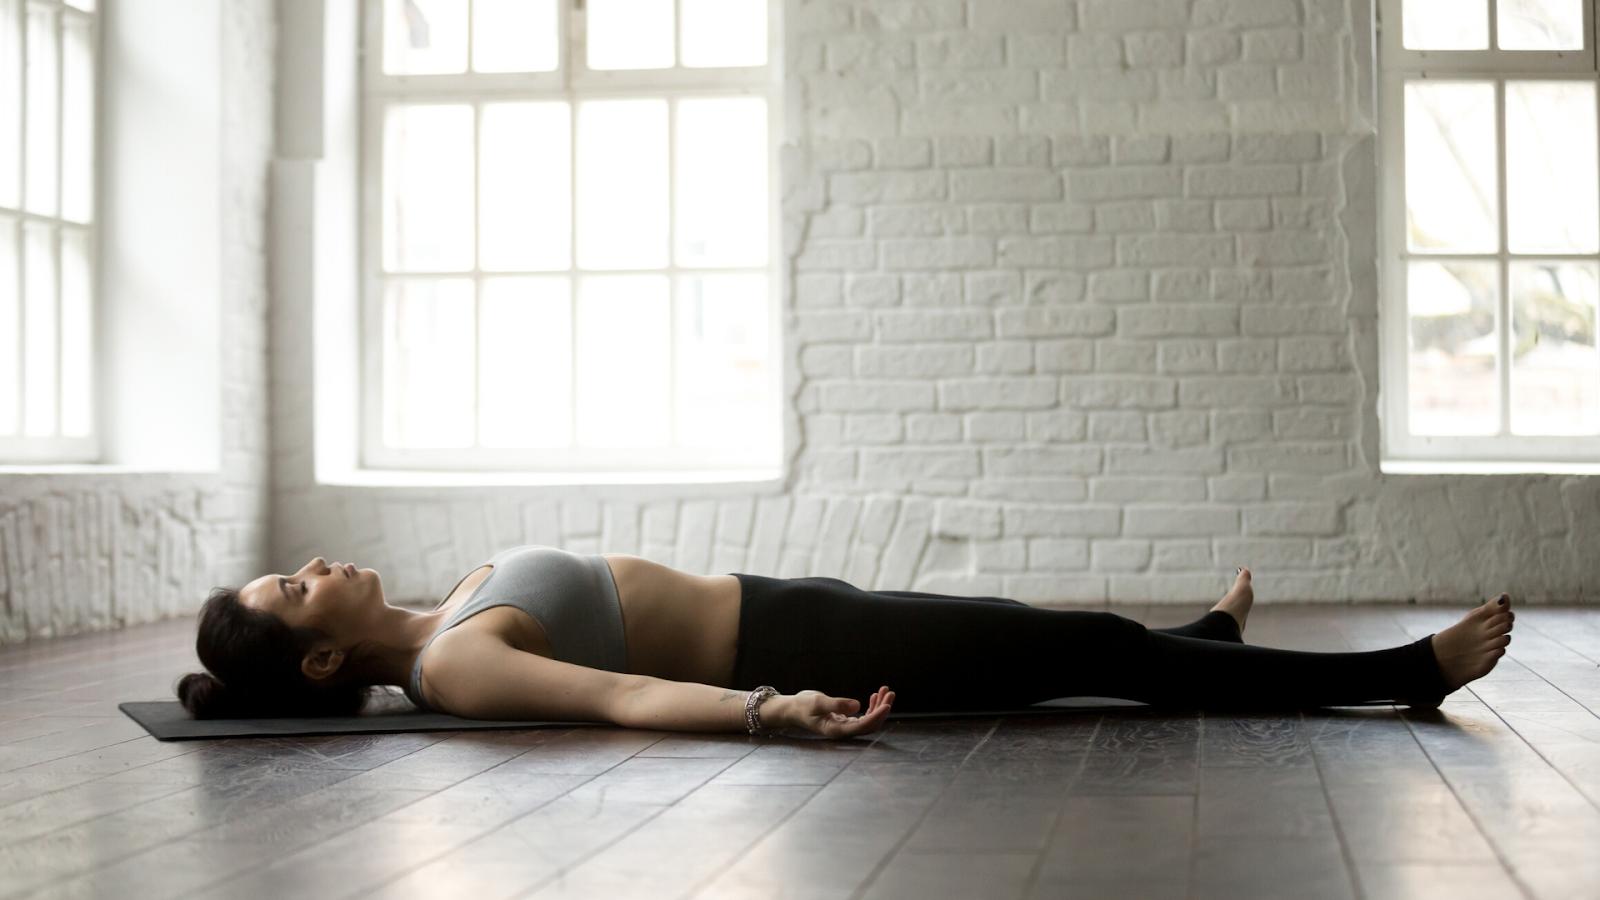 Как правильно медитировать? 5 Лучших техник медитации для начинающих Возможности Здоровый образ жизни Здоровье Йога Перемены